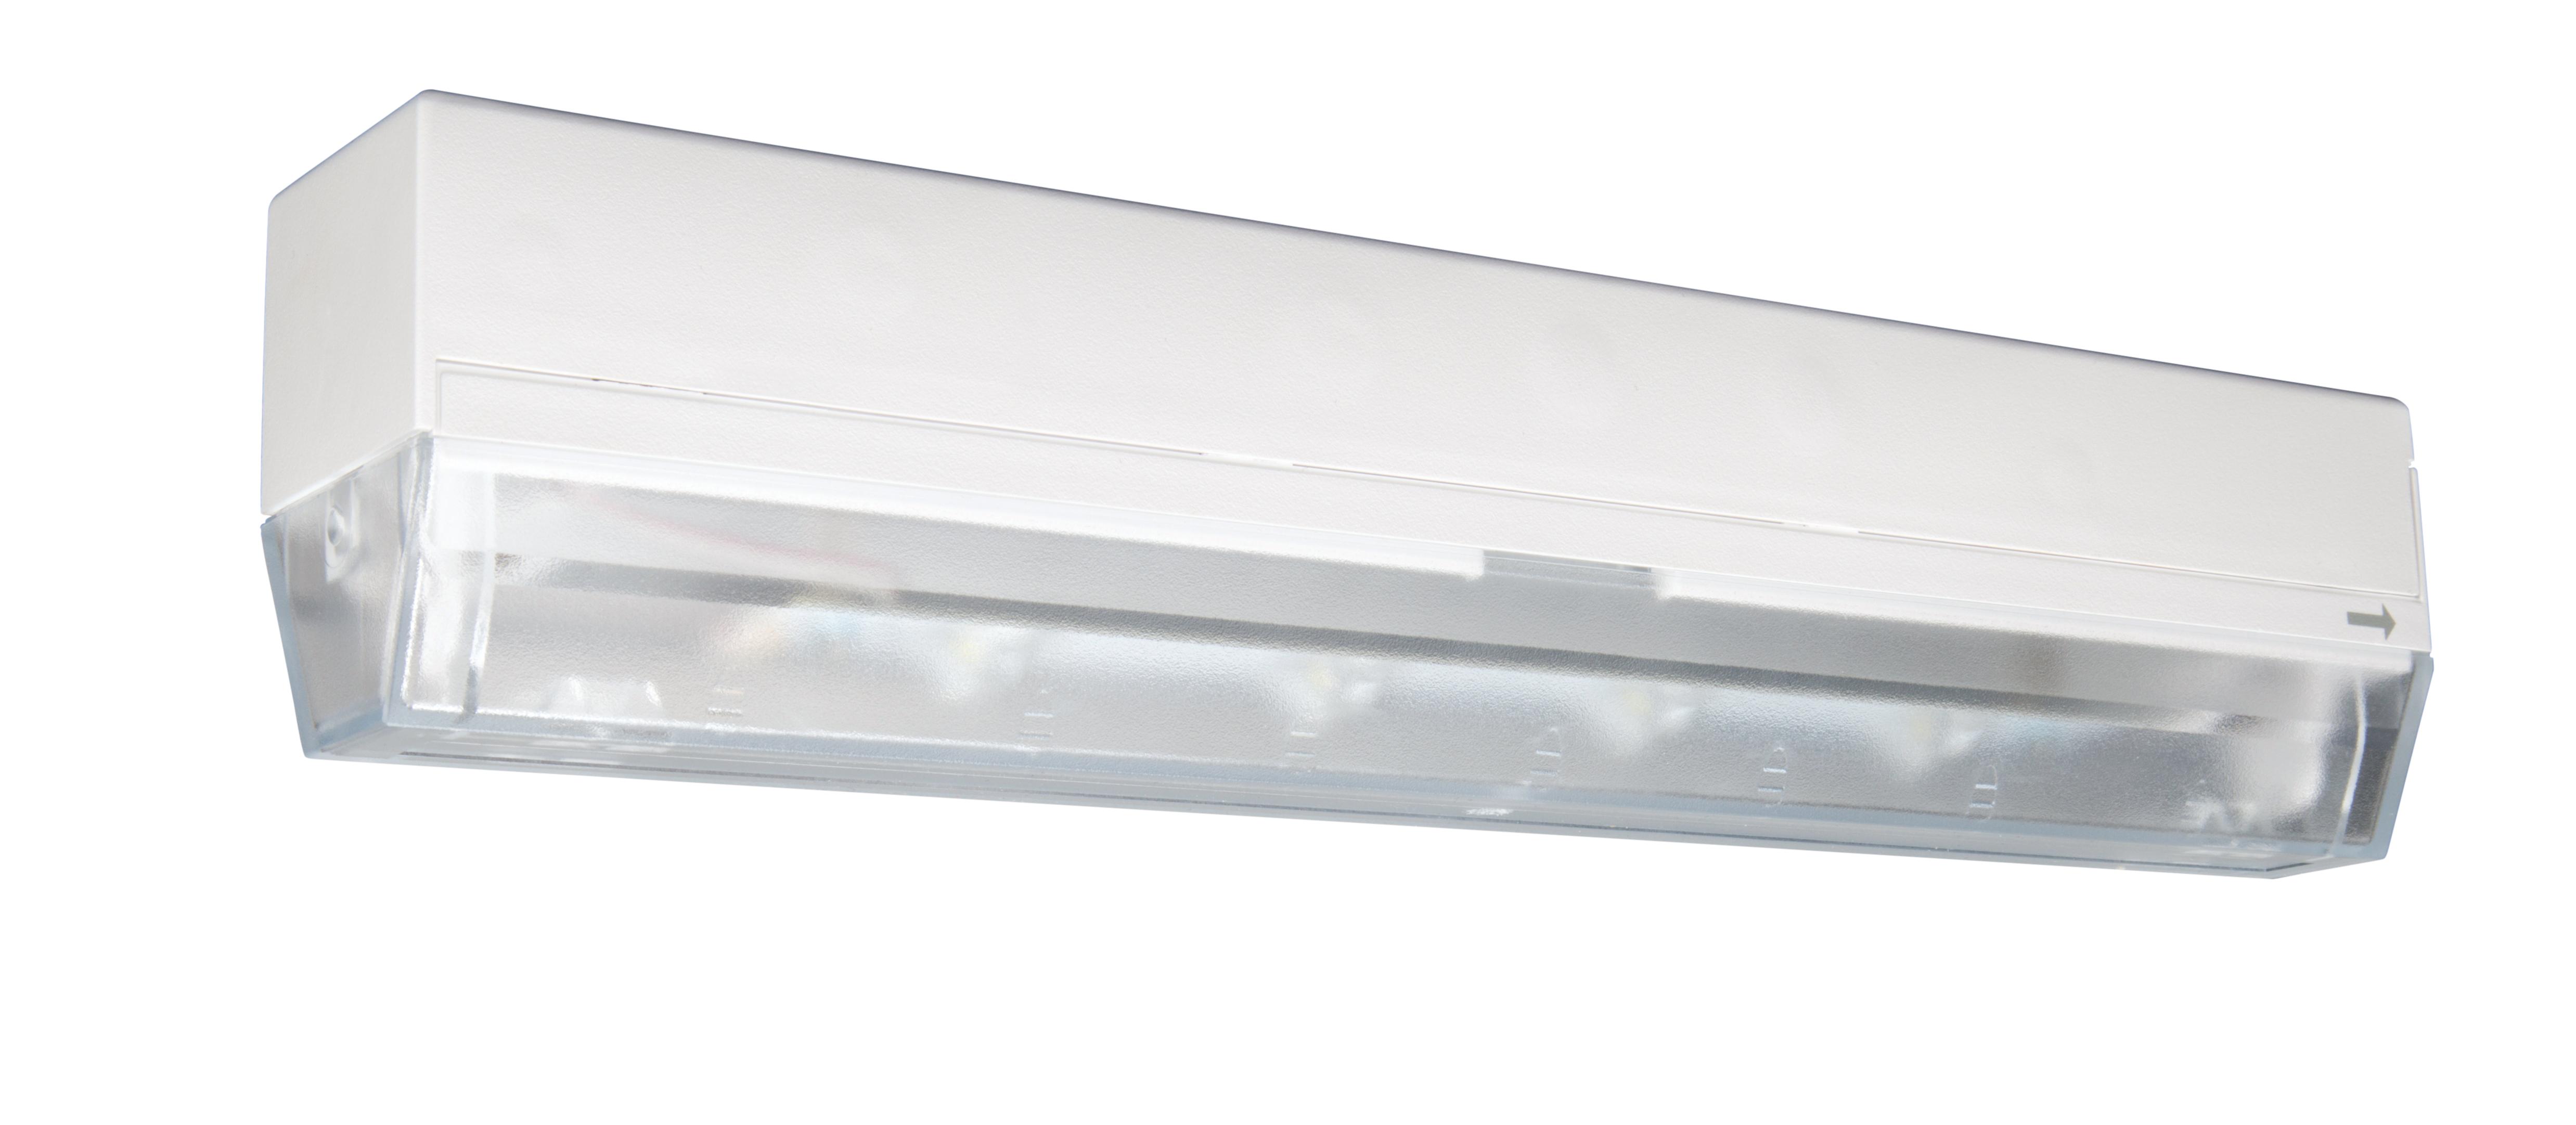 1 Stk Notleuchte KE Autotest 4x1W ERT-LED 3h 230VAC NLKEU033SC